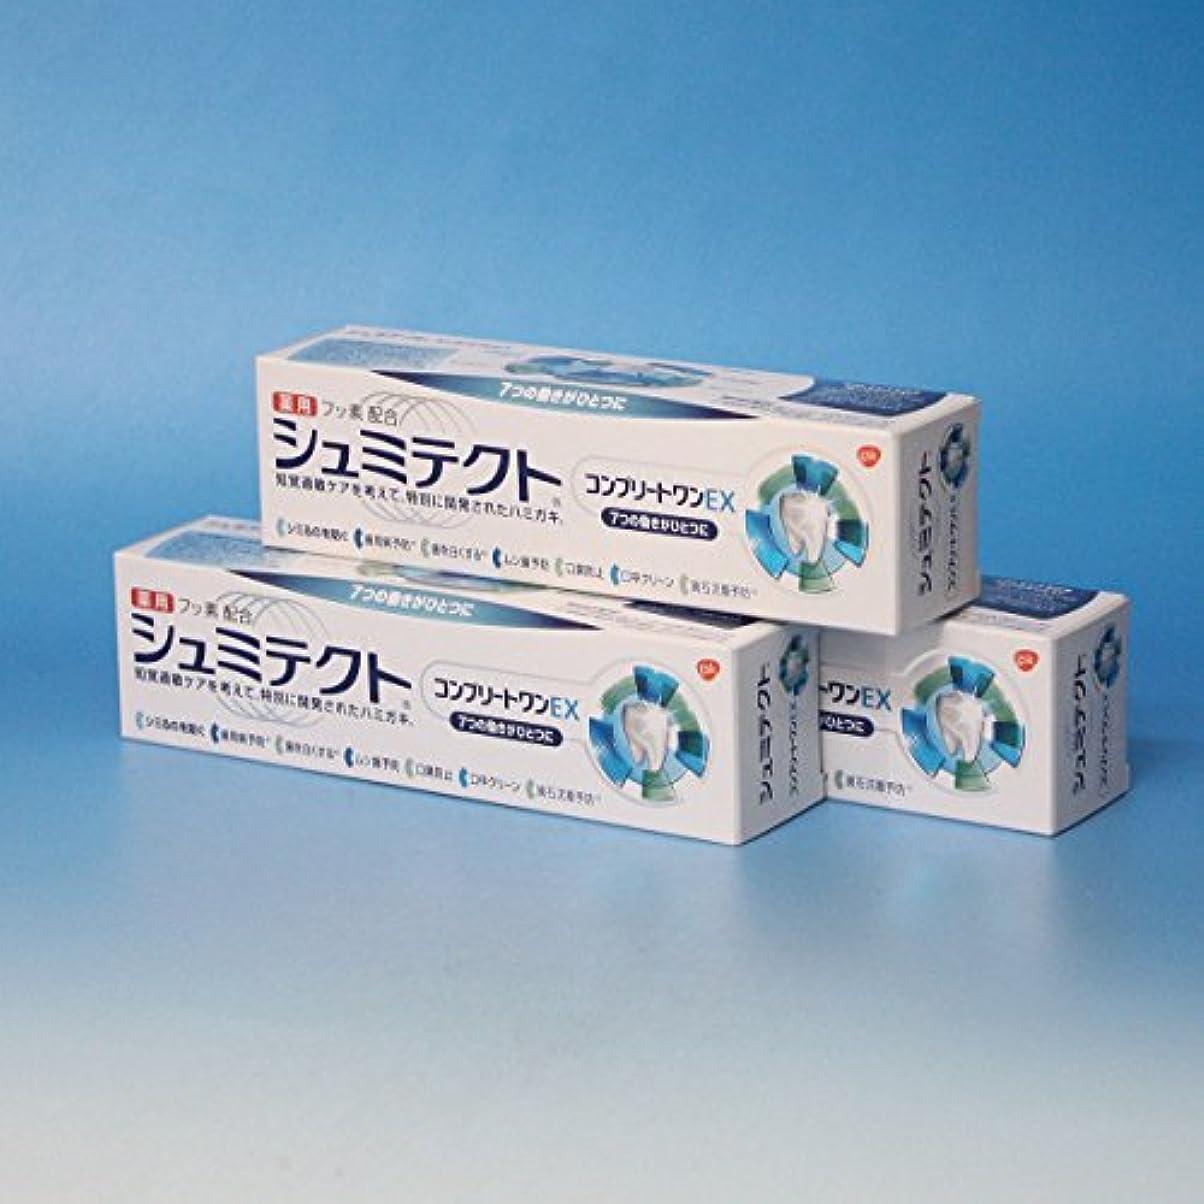 不承認マガジンなぜなら【アース製薬】シュミテクトコンプリートワンEX 90g ×3個セット